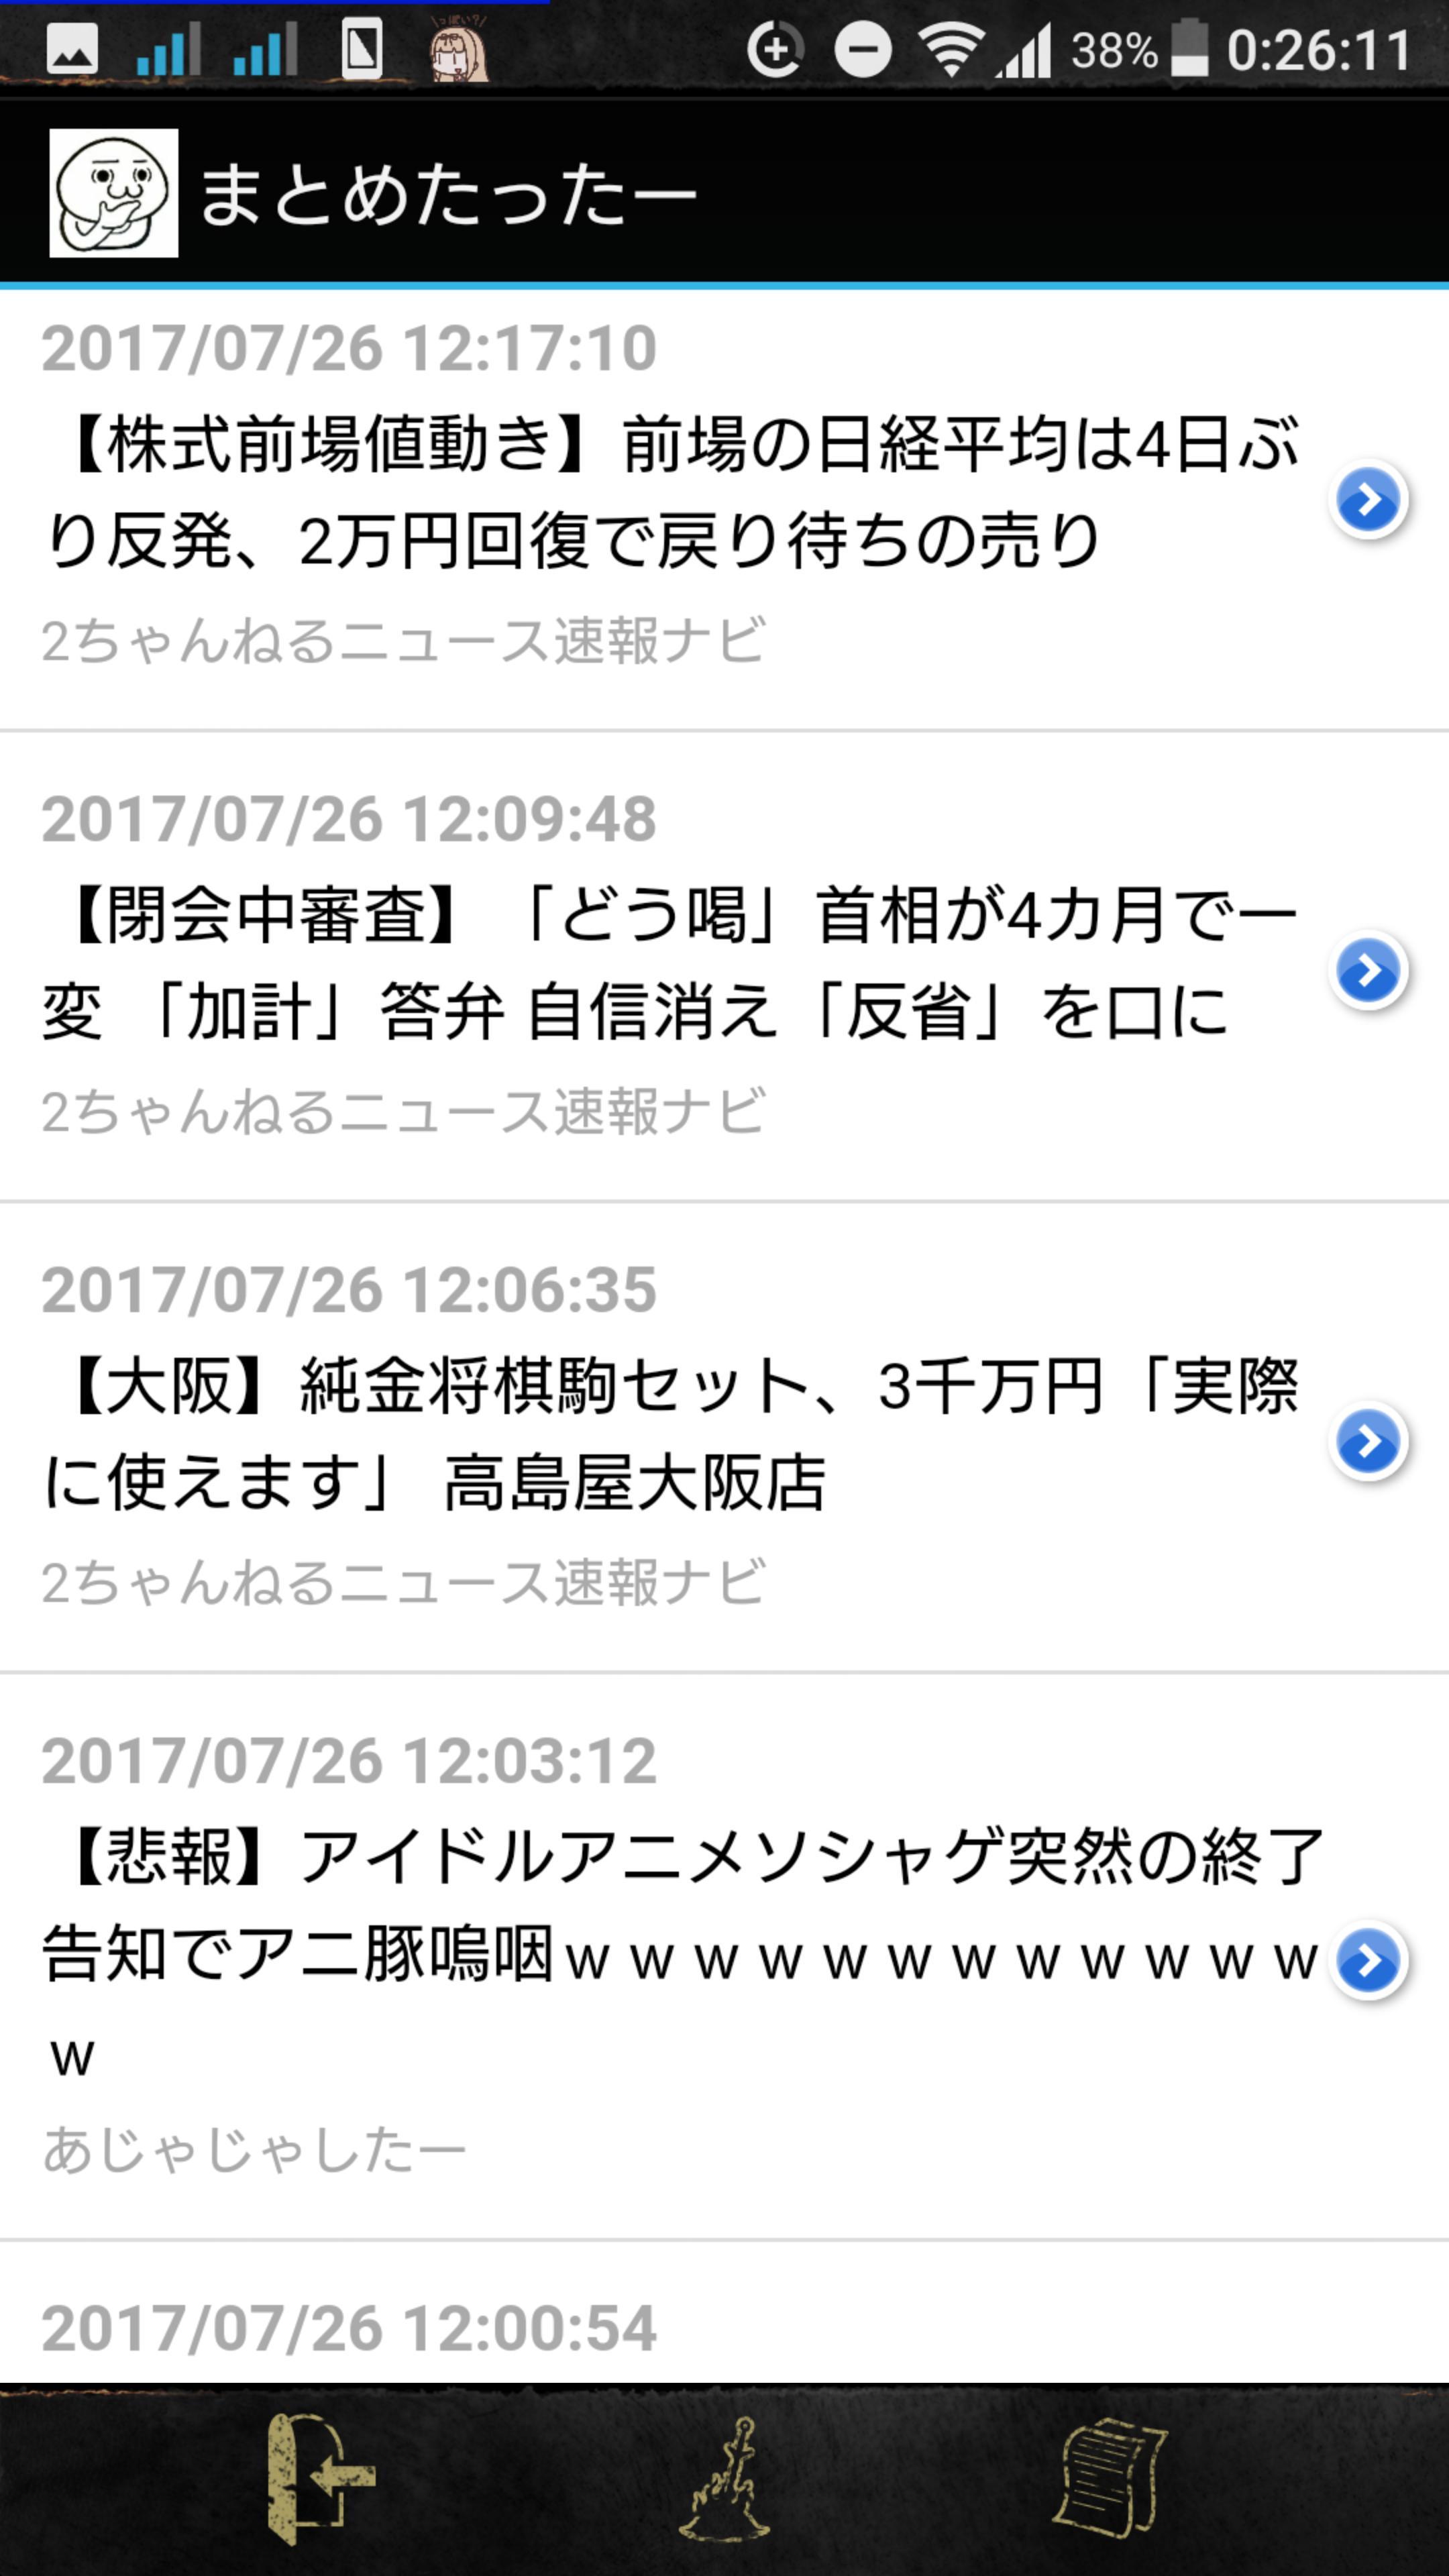 ナビ ニュース 速報